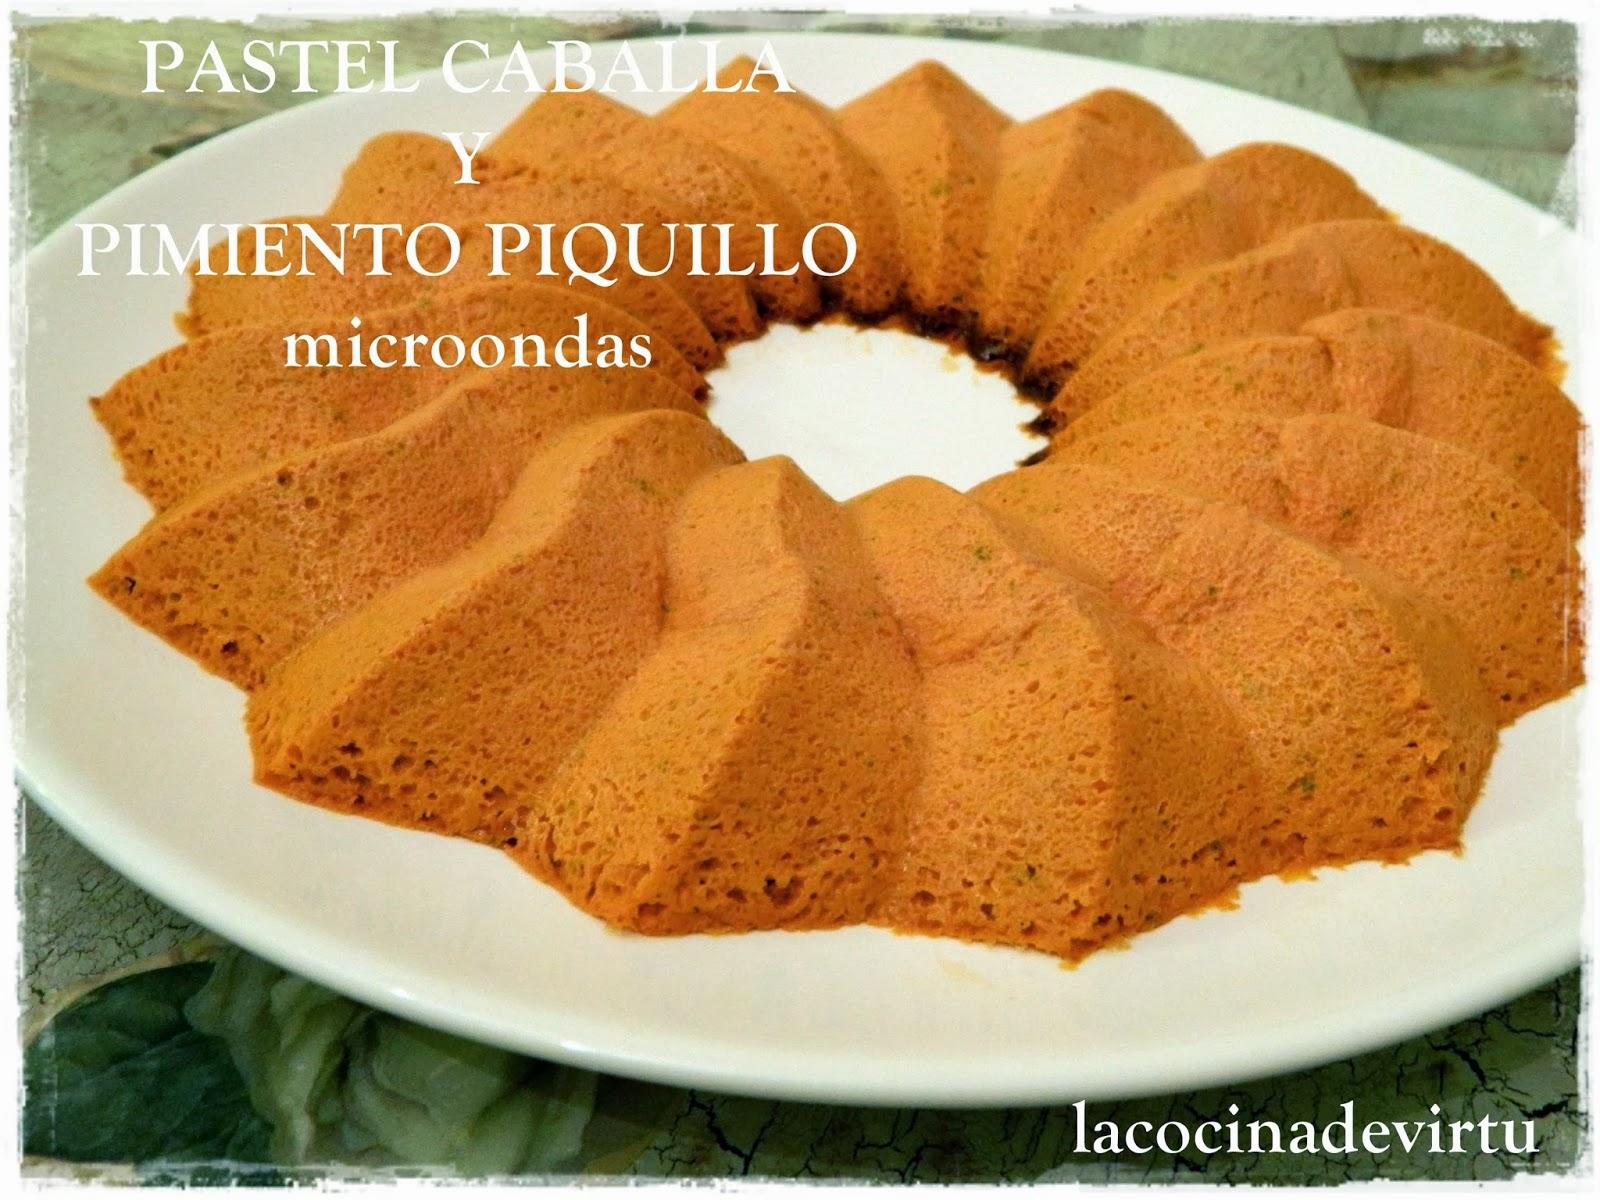 http://lacocinadevirtu.blogspot.com.es/2014/02/pastel-caballa-y-pimientos-del-piquillo.html